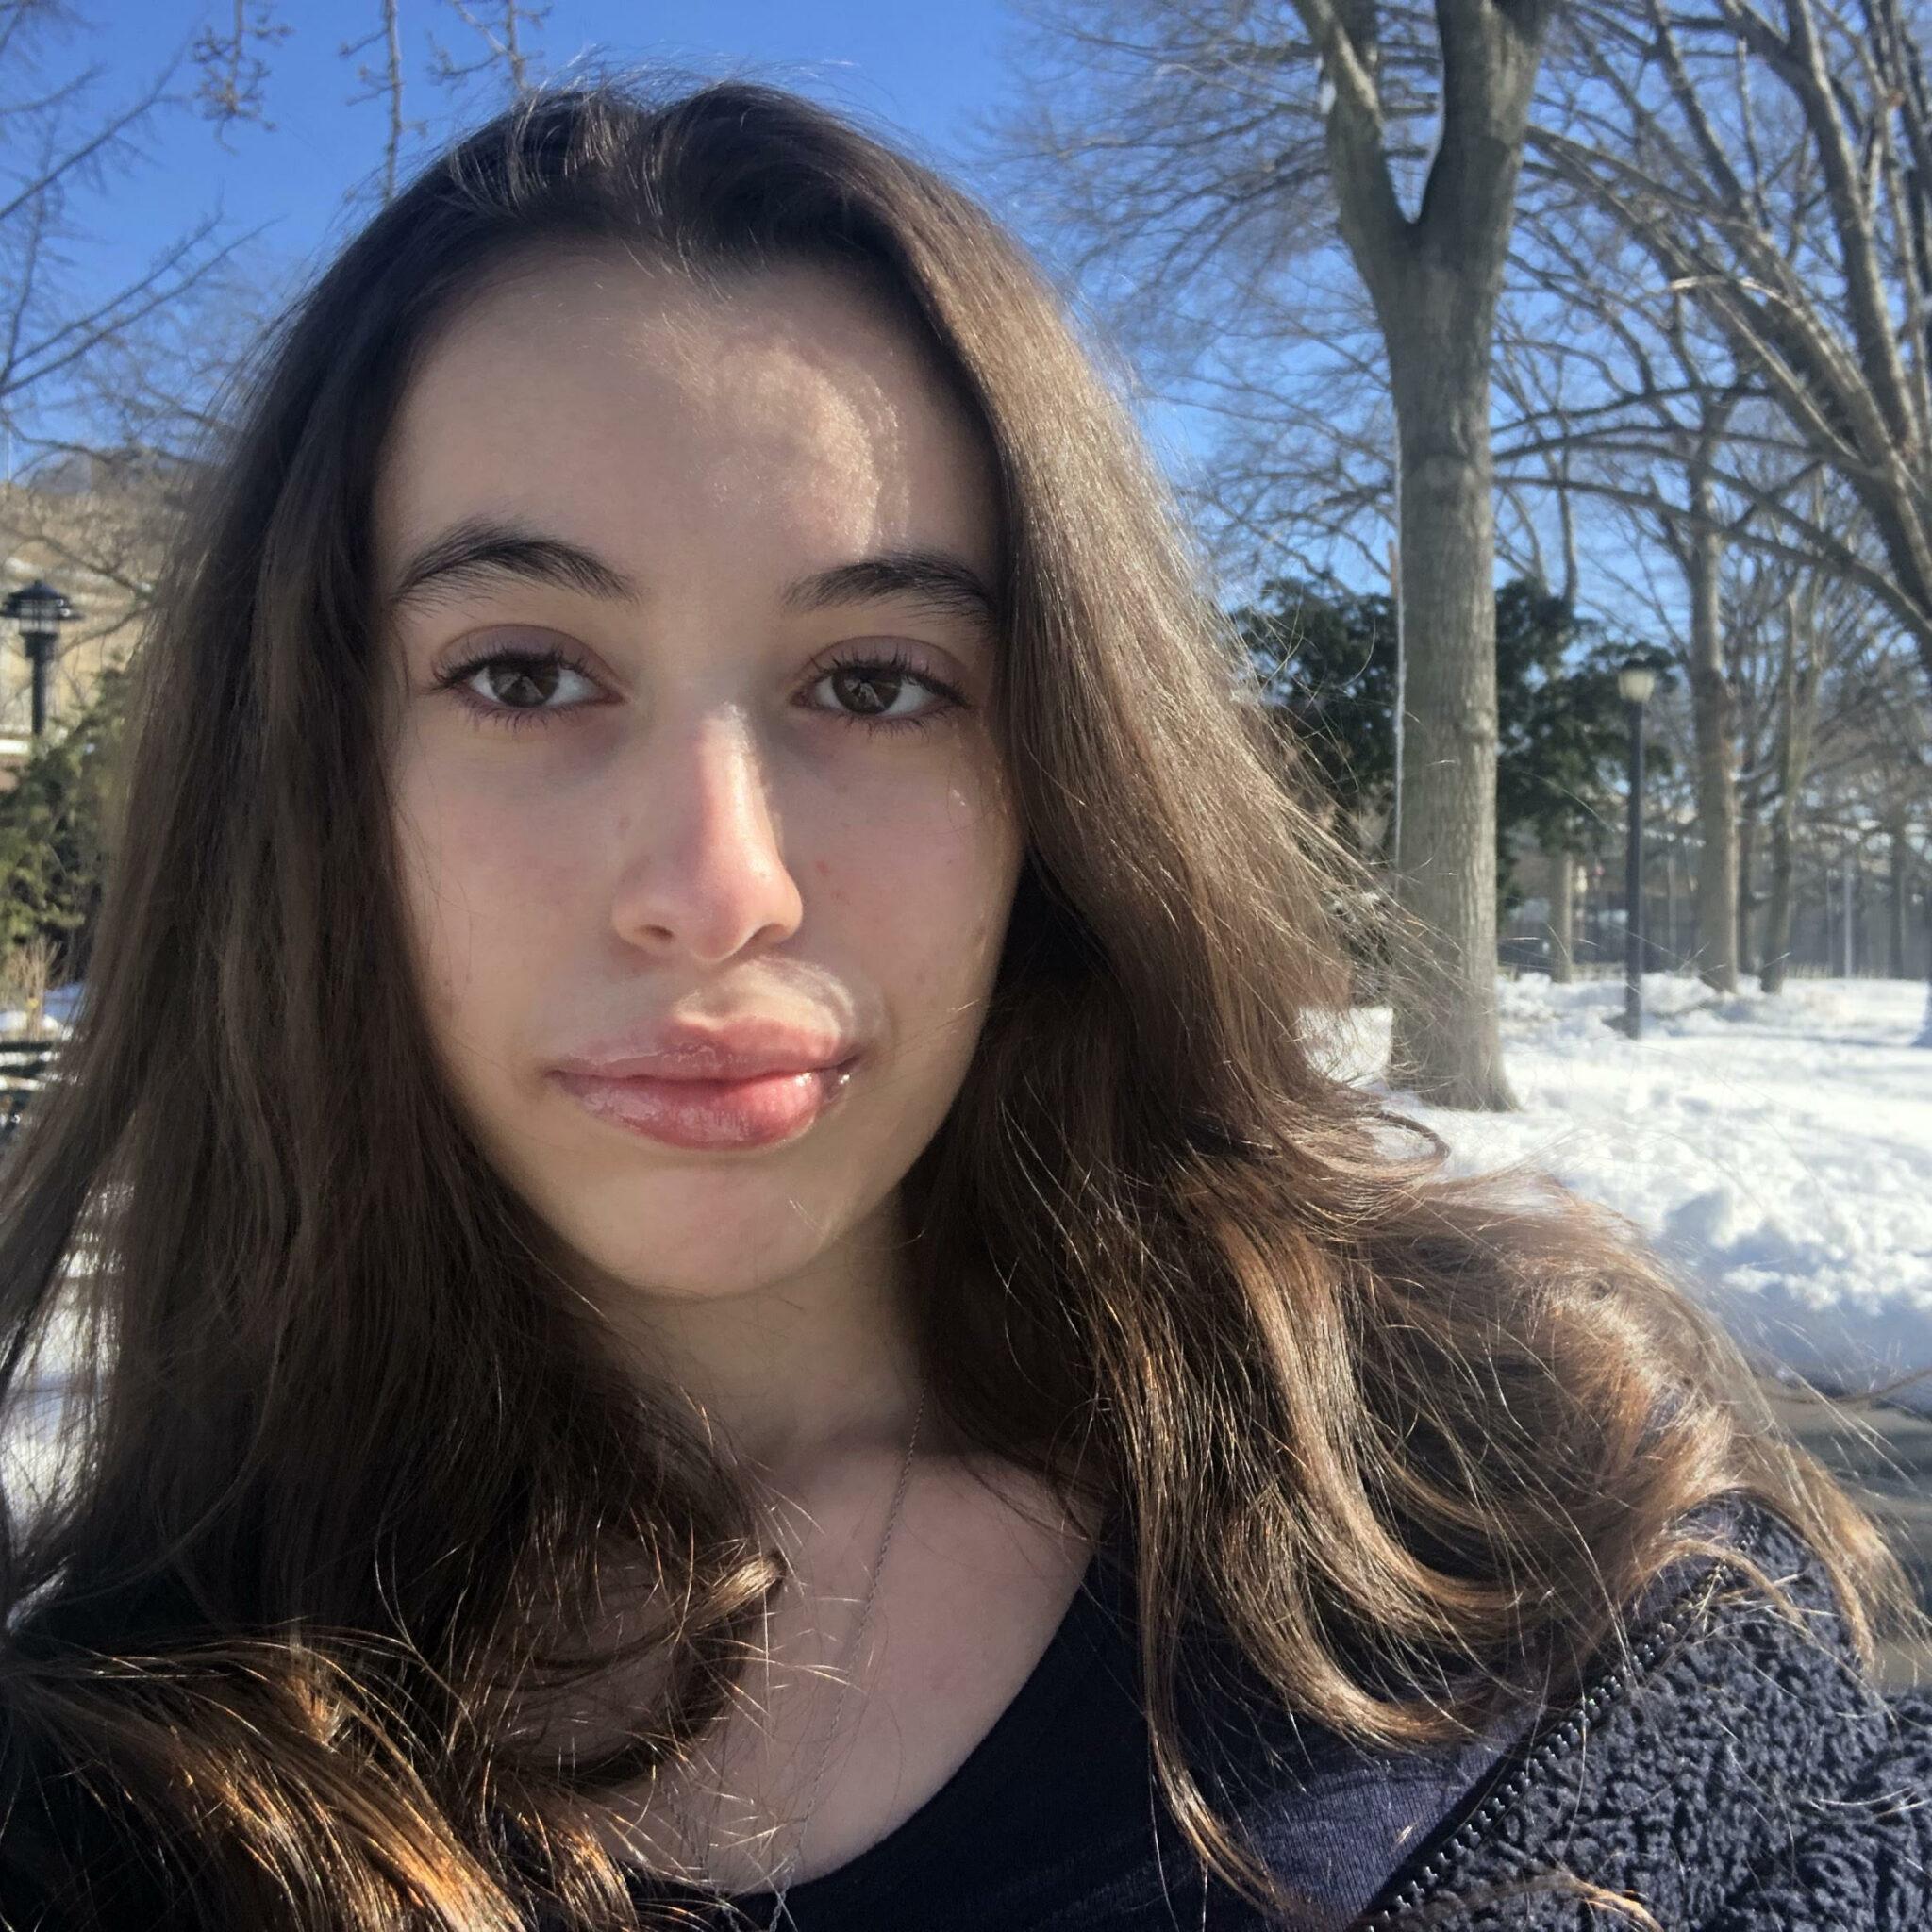 Nora Anzer